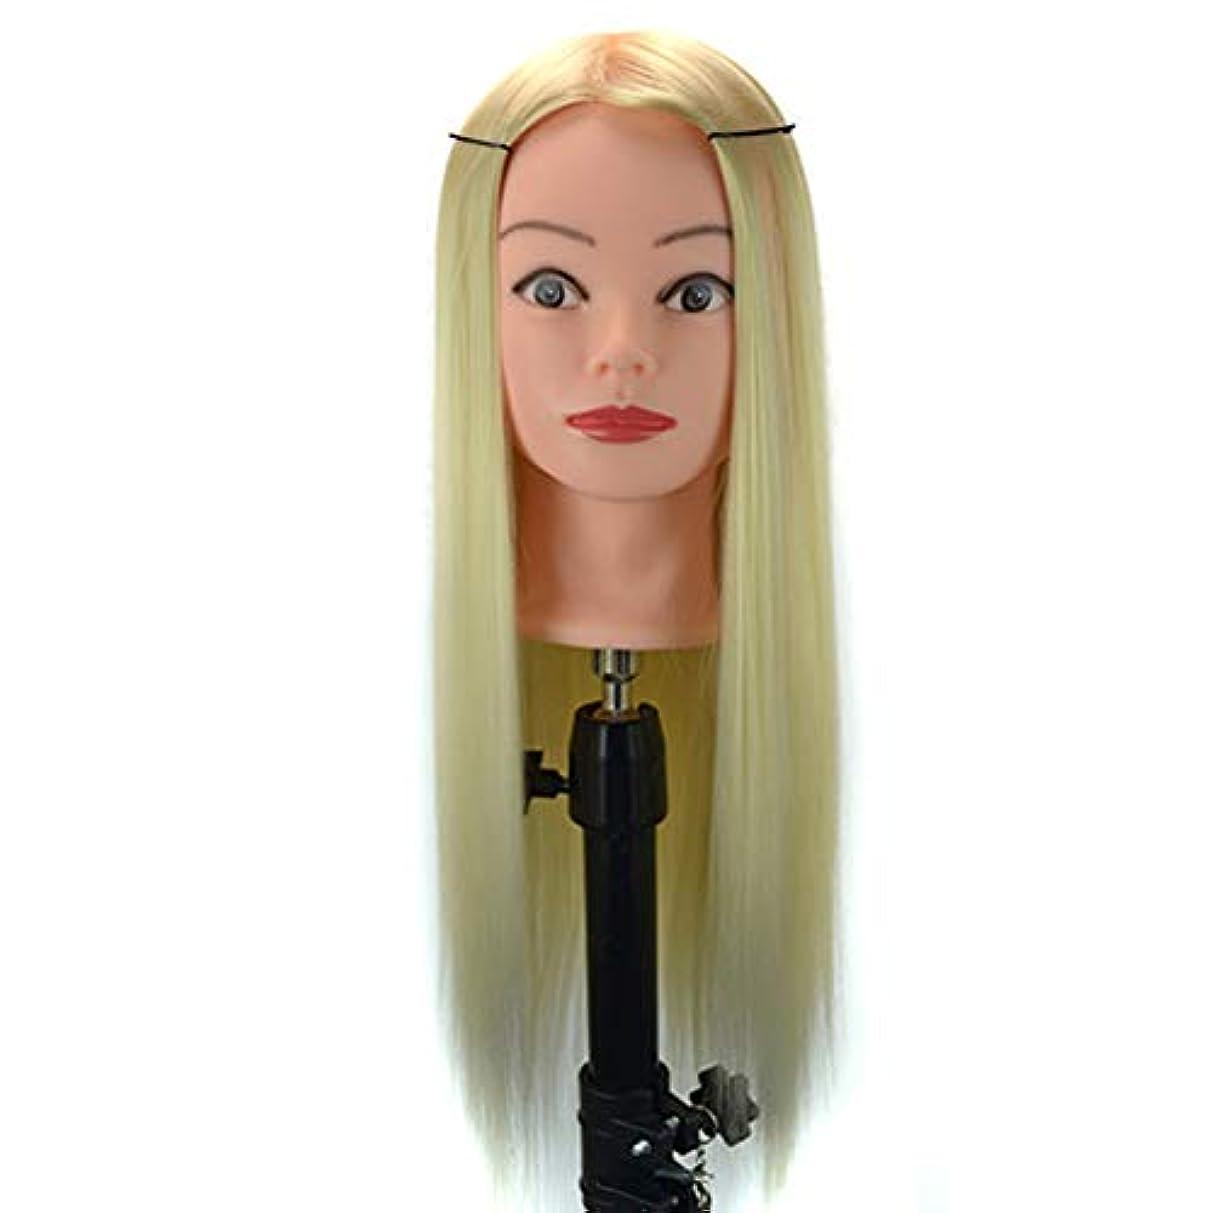 チロどれか緩む高温ワイヤートレーニングヘッド理髪マネキン人形ヘッドメイクプレートヘアー練習帽子ジュエリーディスプレイヘッド金型,offwhite